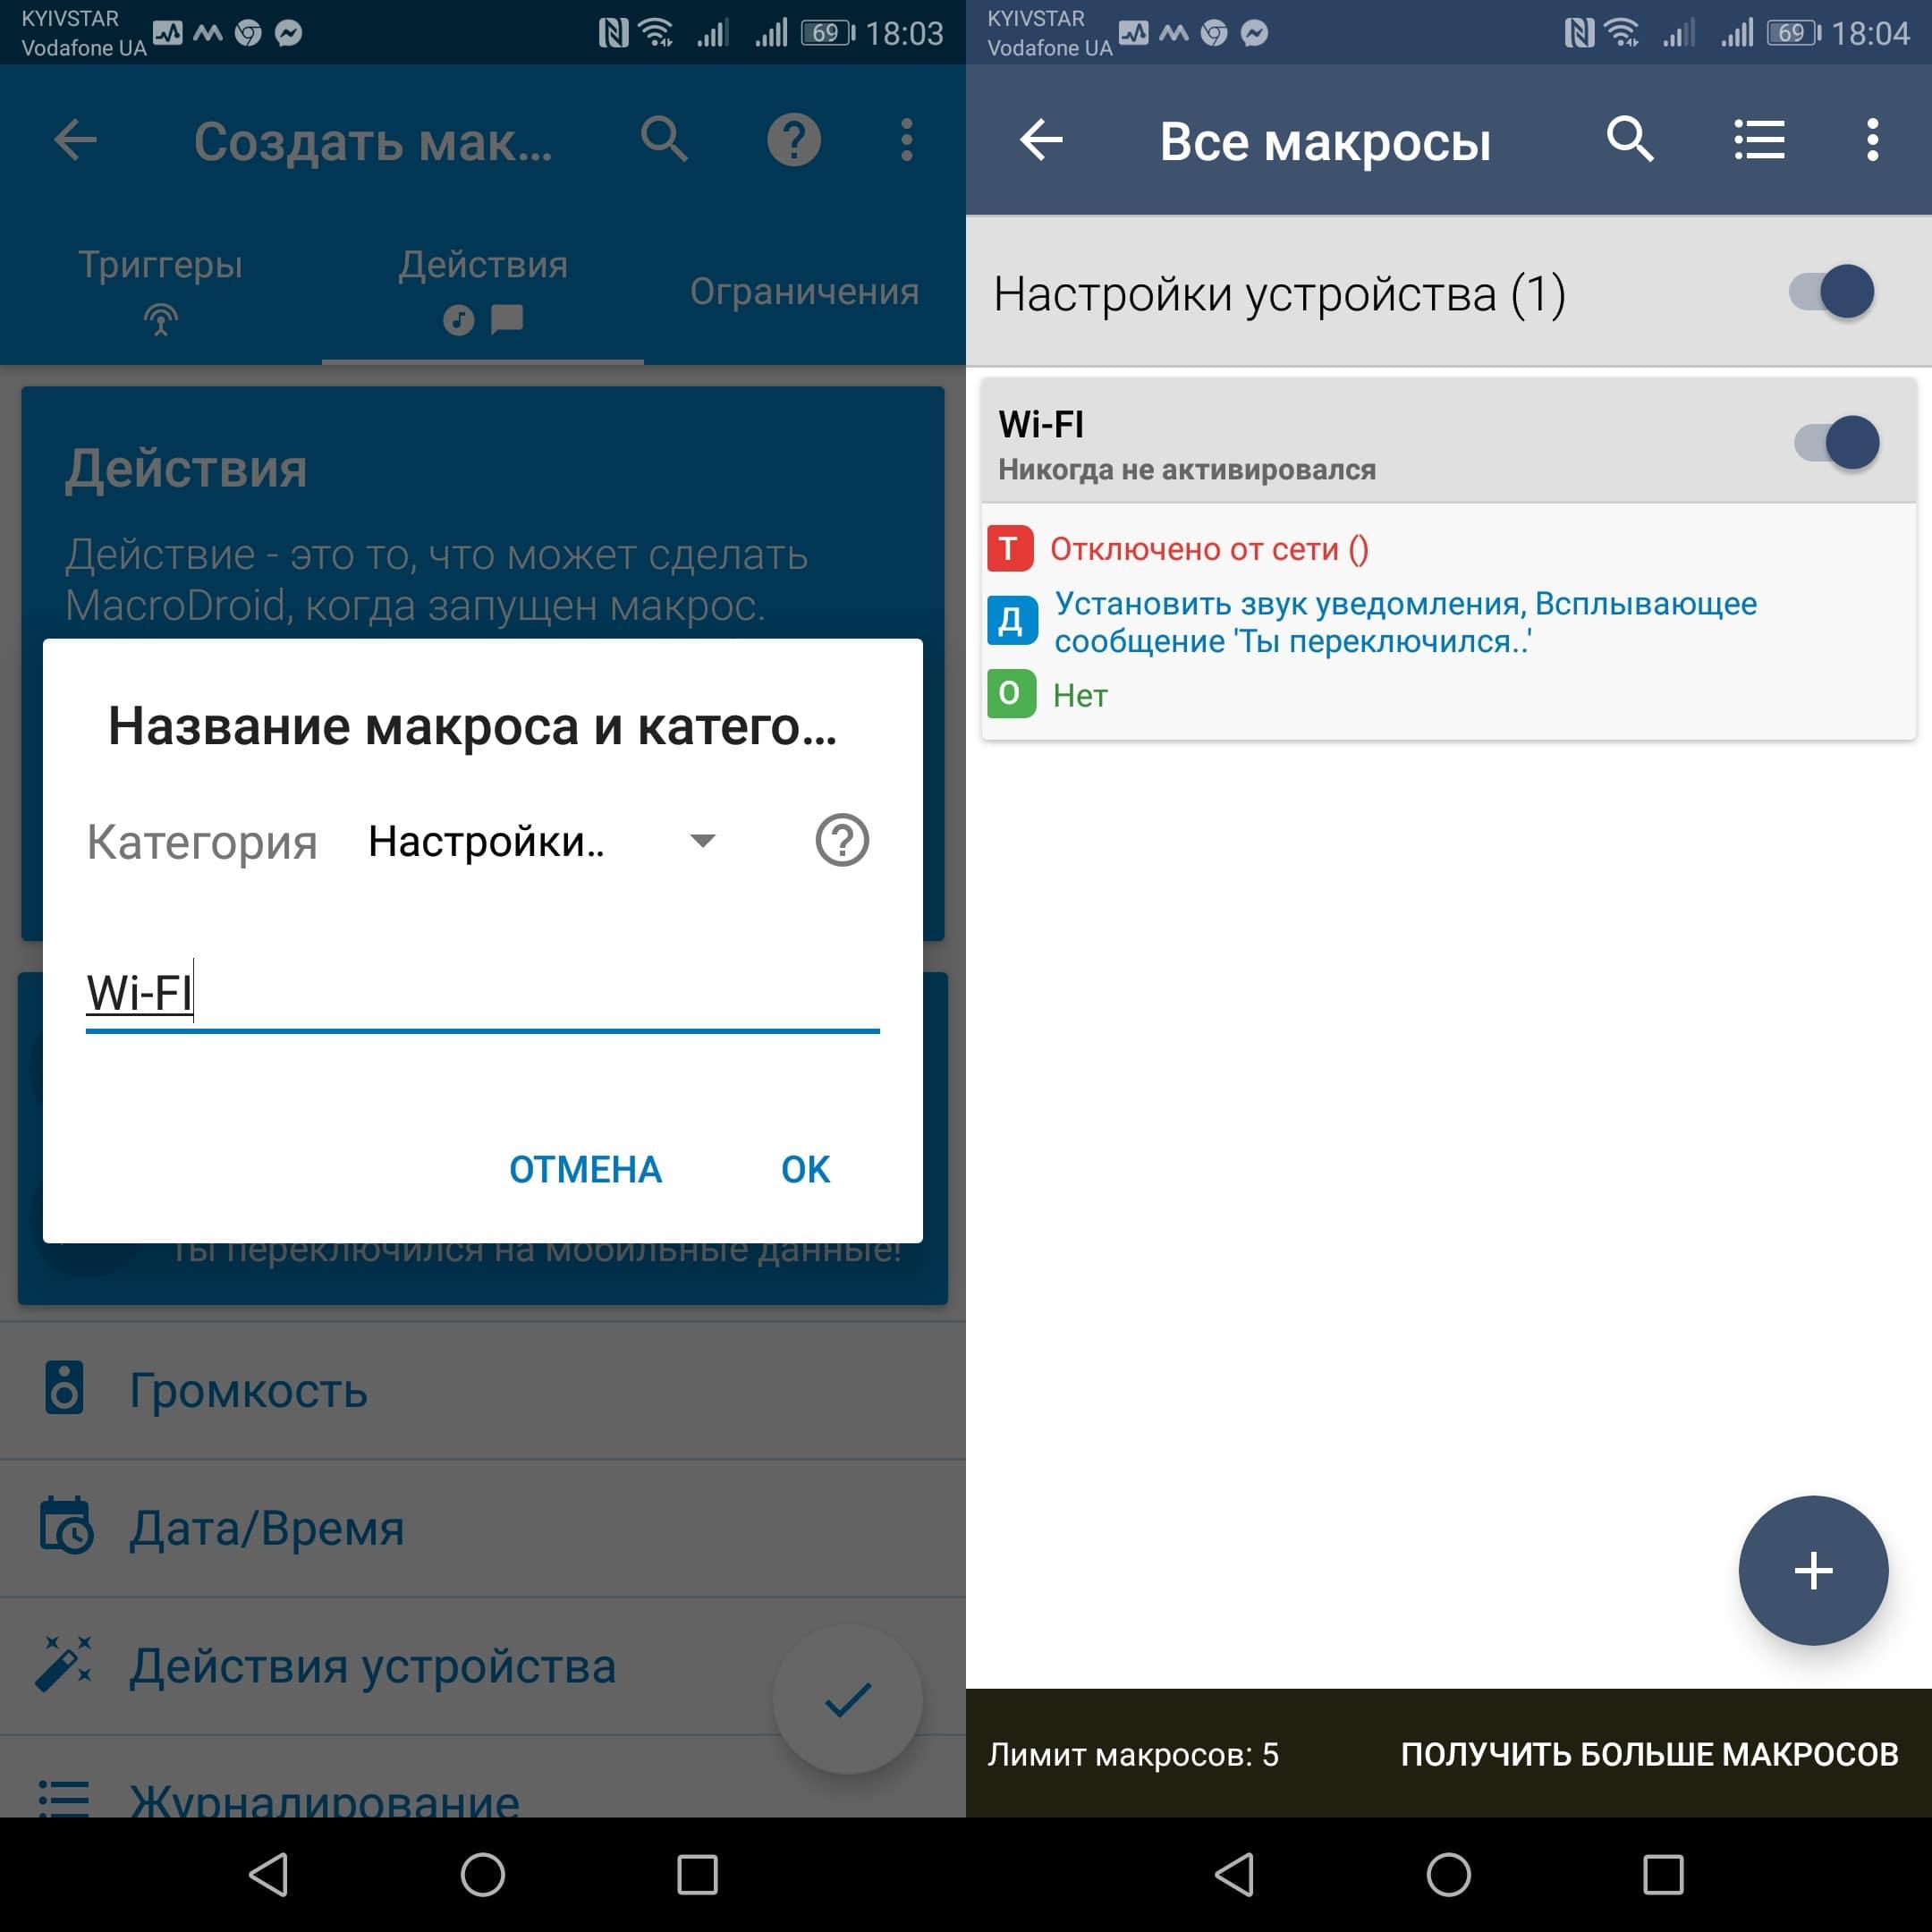 Картинка 4 Получайте уведомления, когда ваш смартфон переключается на мобильные данные!